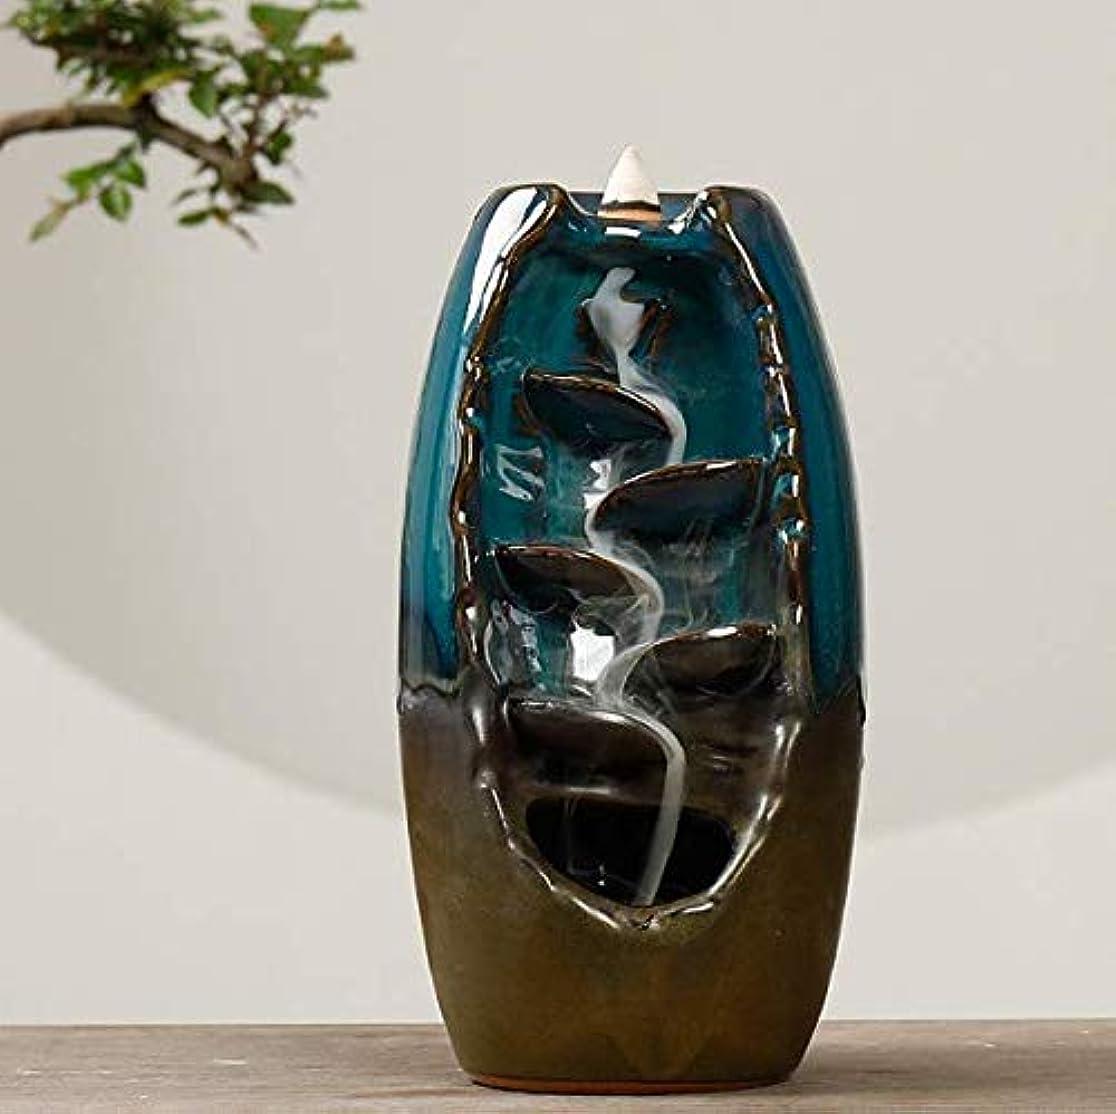 上昇前提買収(Baoxinjp)倒流香炉 磁器 セラミックス 金属 蓋 防火 お香用 線香立て 缐香用 盤香用 落ち着く アロマ 陶器 簡潔 レトロ風 高級感 優美な境地 緑